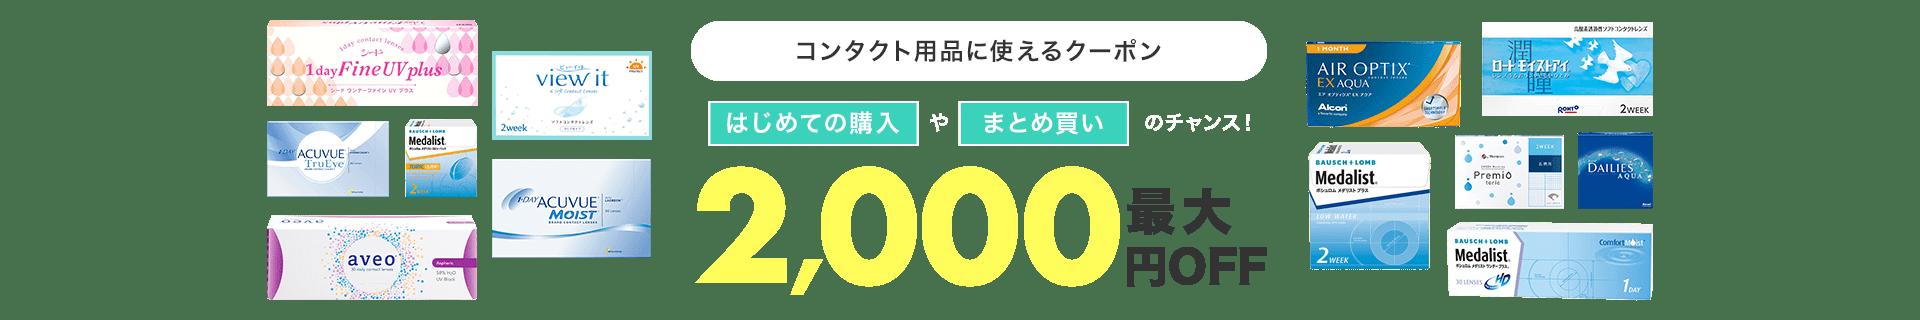 楽天でコンタクトに使える2000円OFFクーポンを配信中。DEAL品と重複適用は不可能。~11/25 10時。